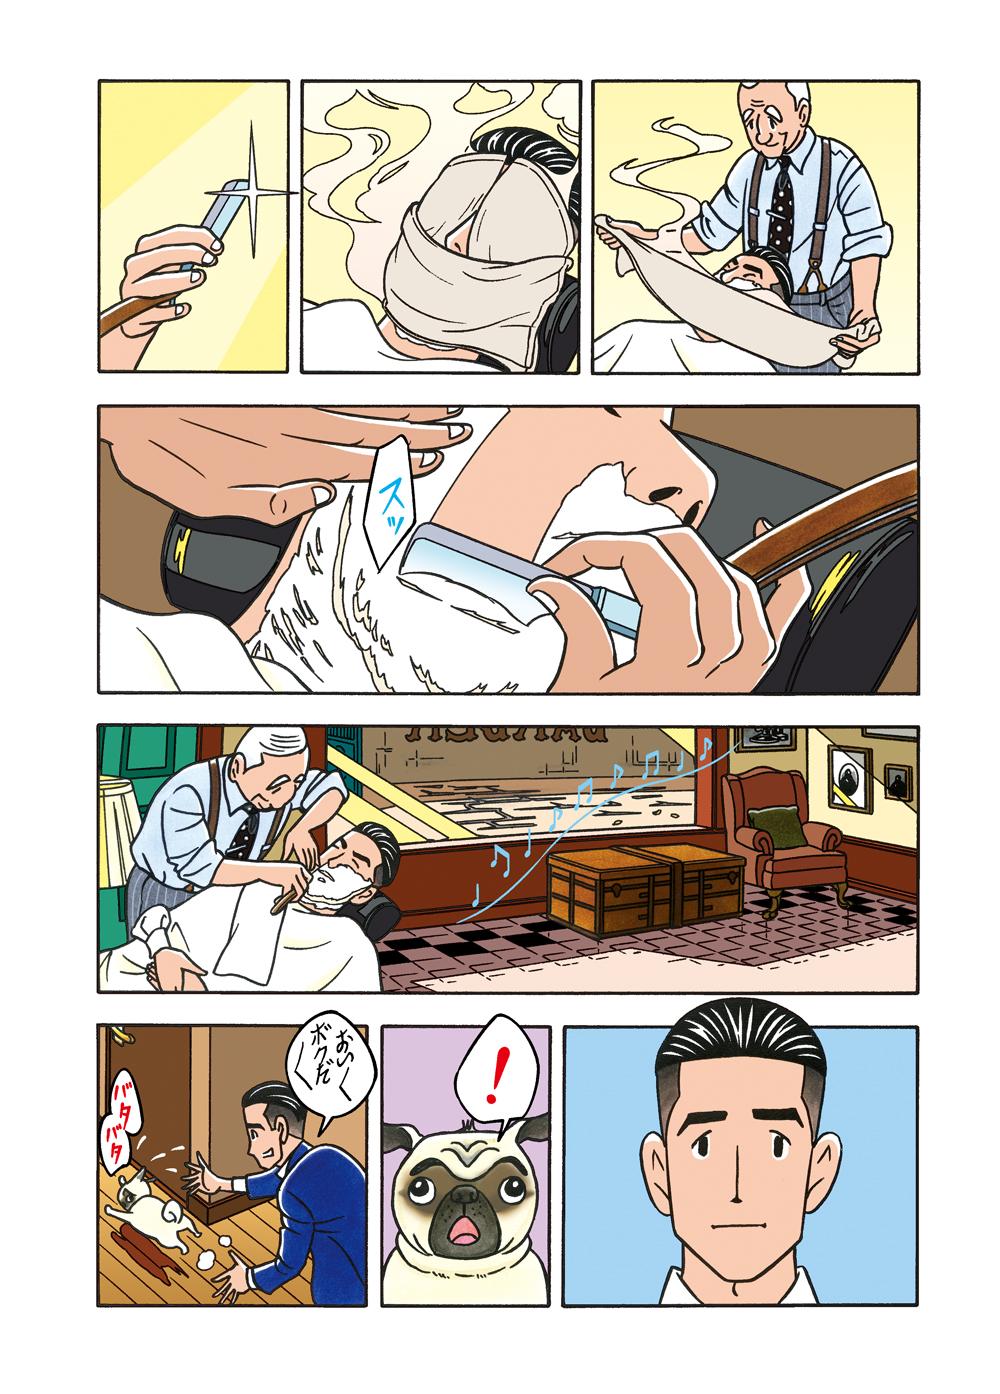 ワンダーカクテル 【第22話 その男の髭】5ページ目画像